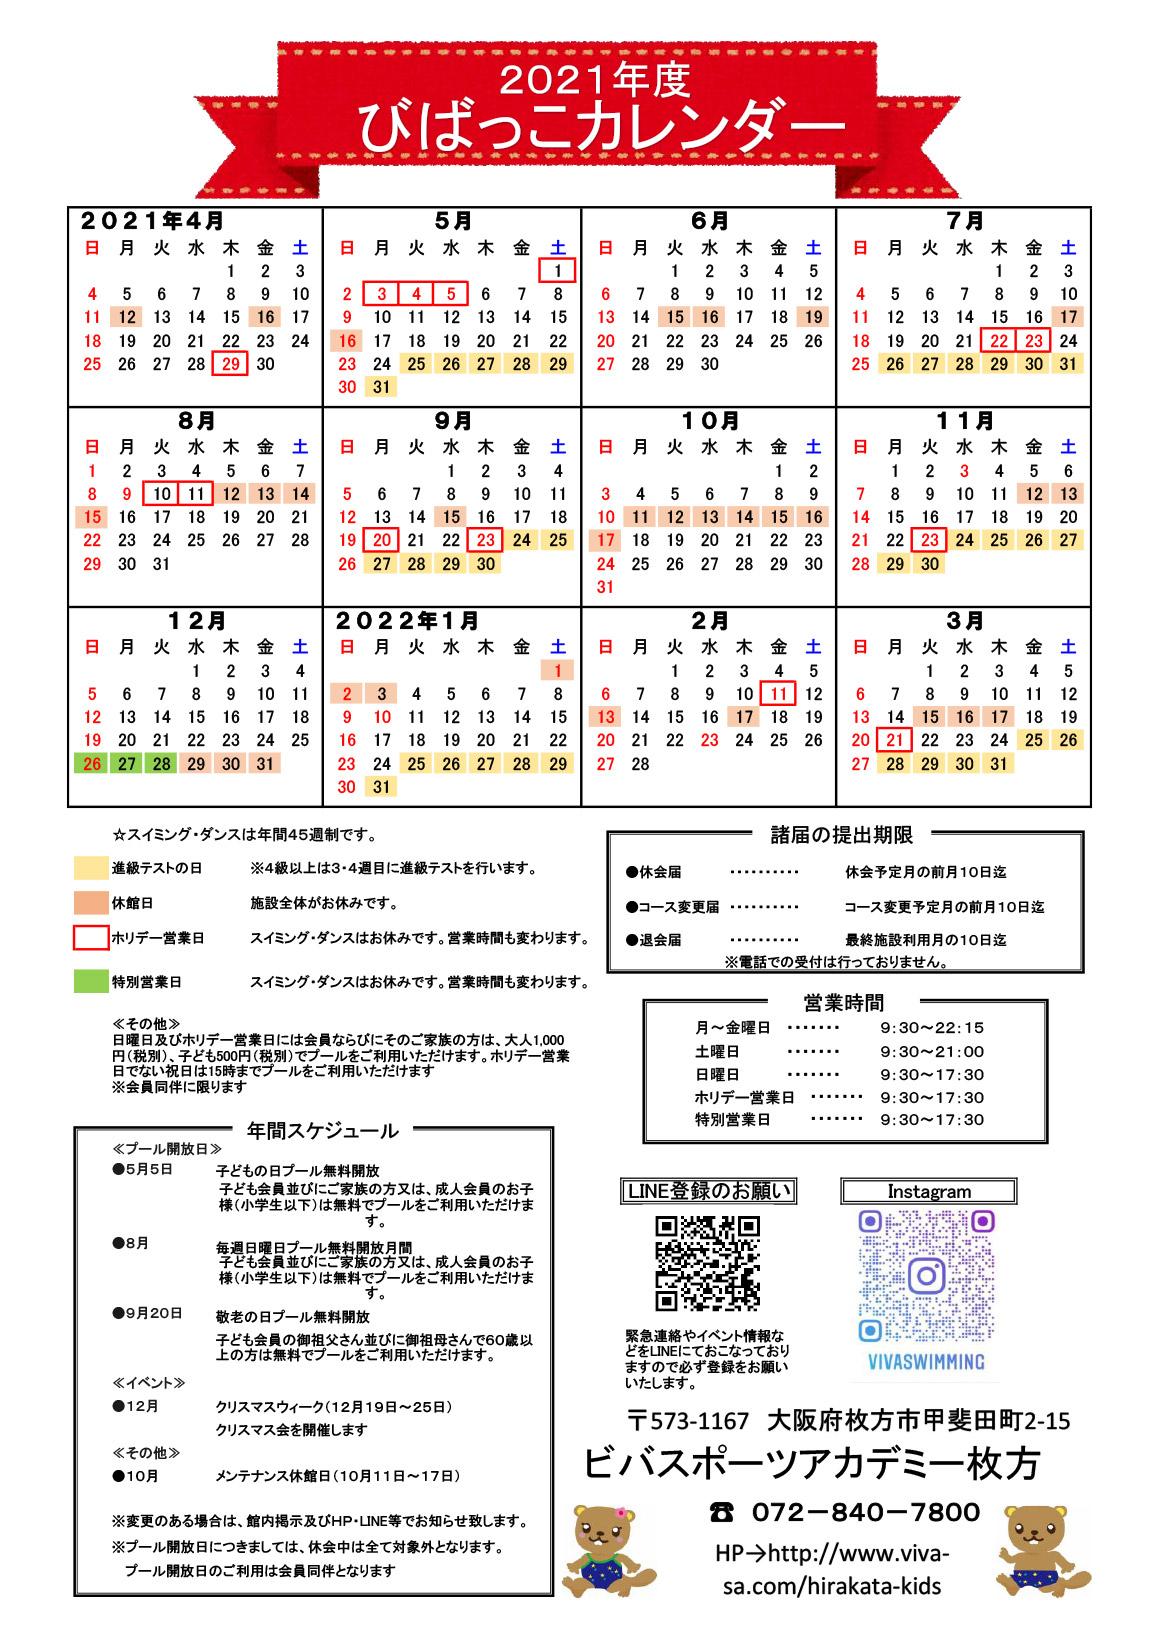 ビバスポーツアカデミー枚方 年間カレンダー